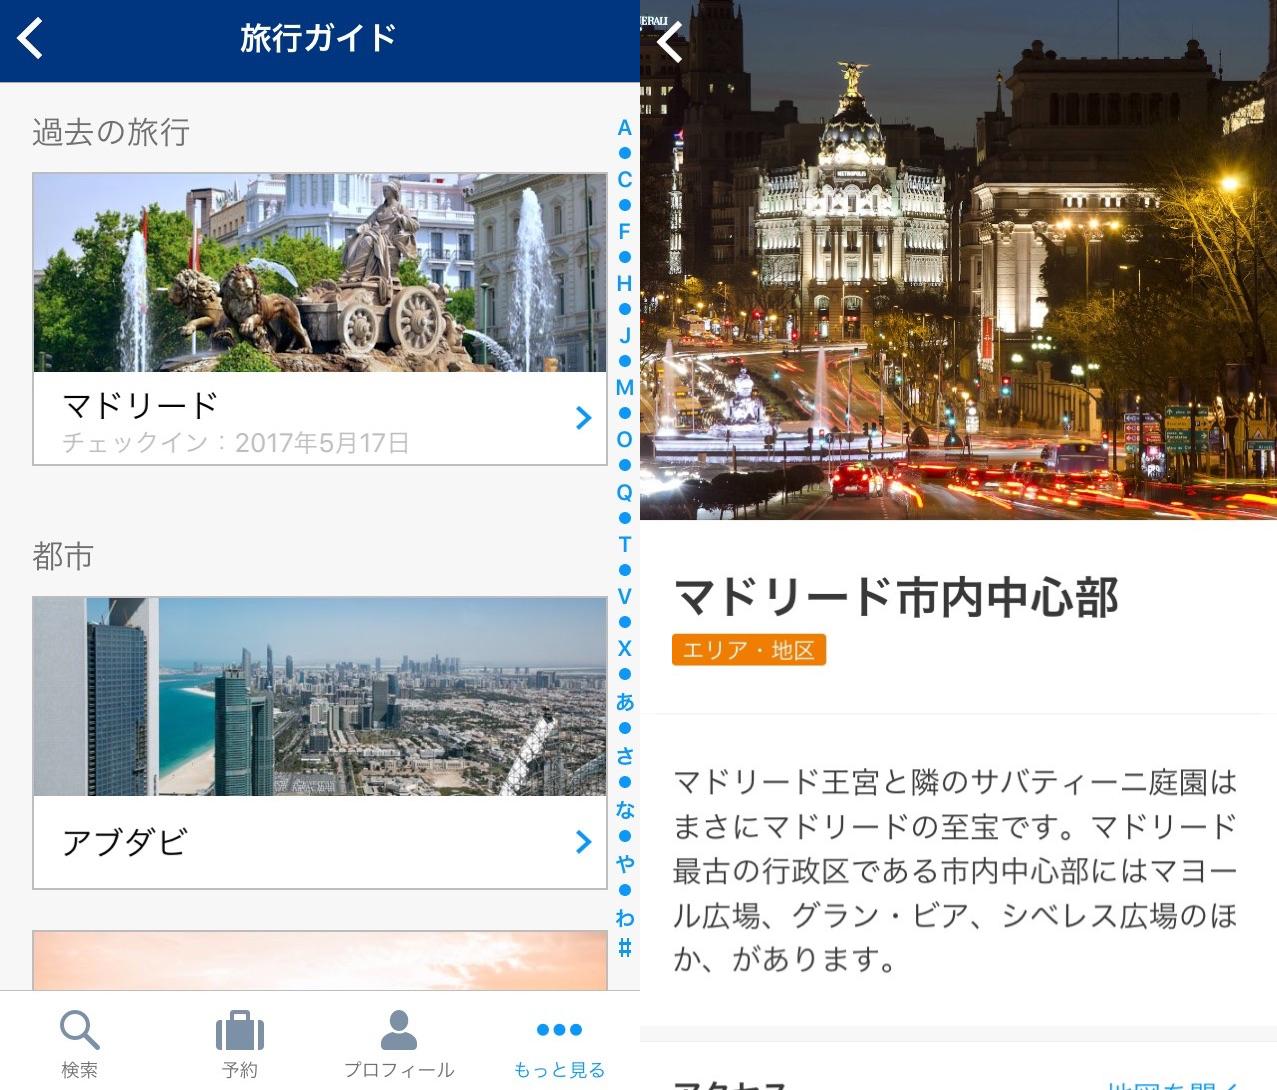 ブッキングドットコムのアプリの旅行ガイド